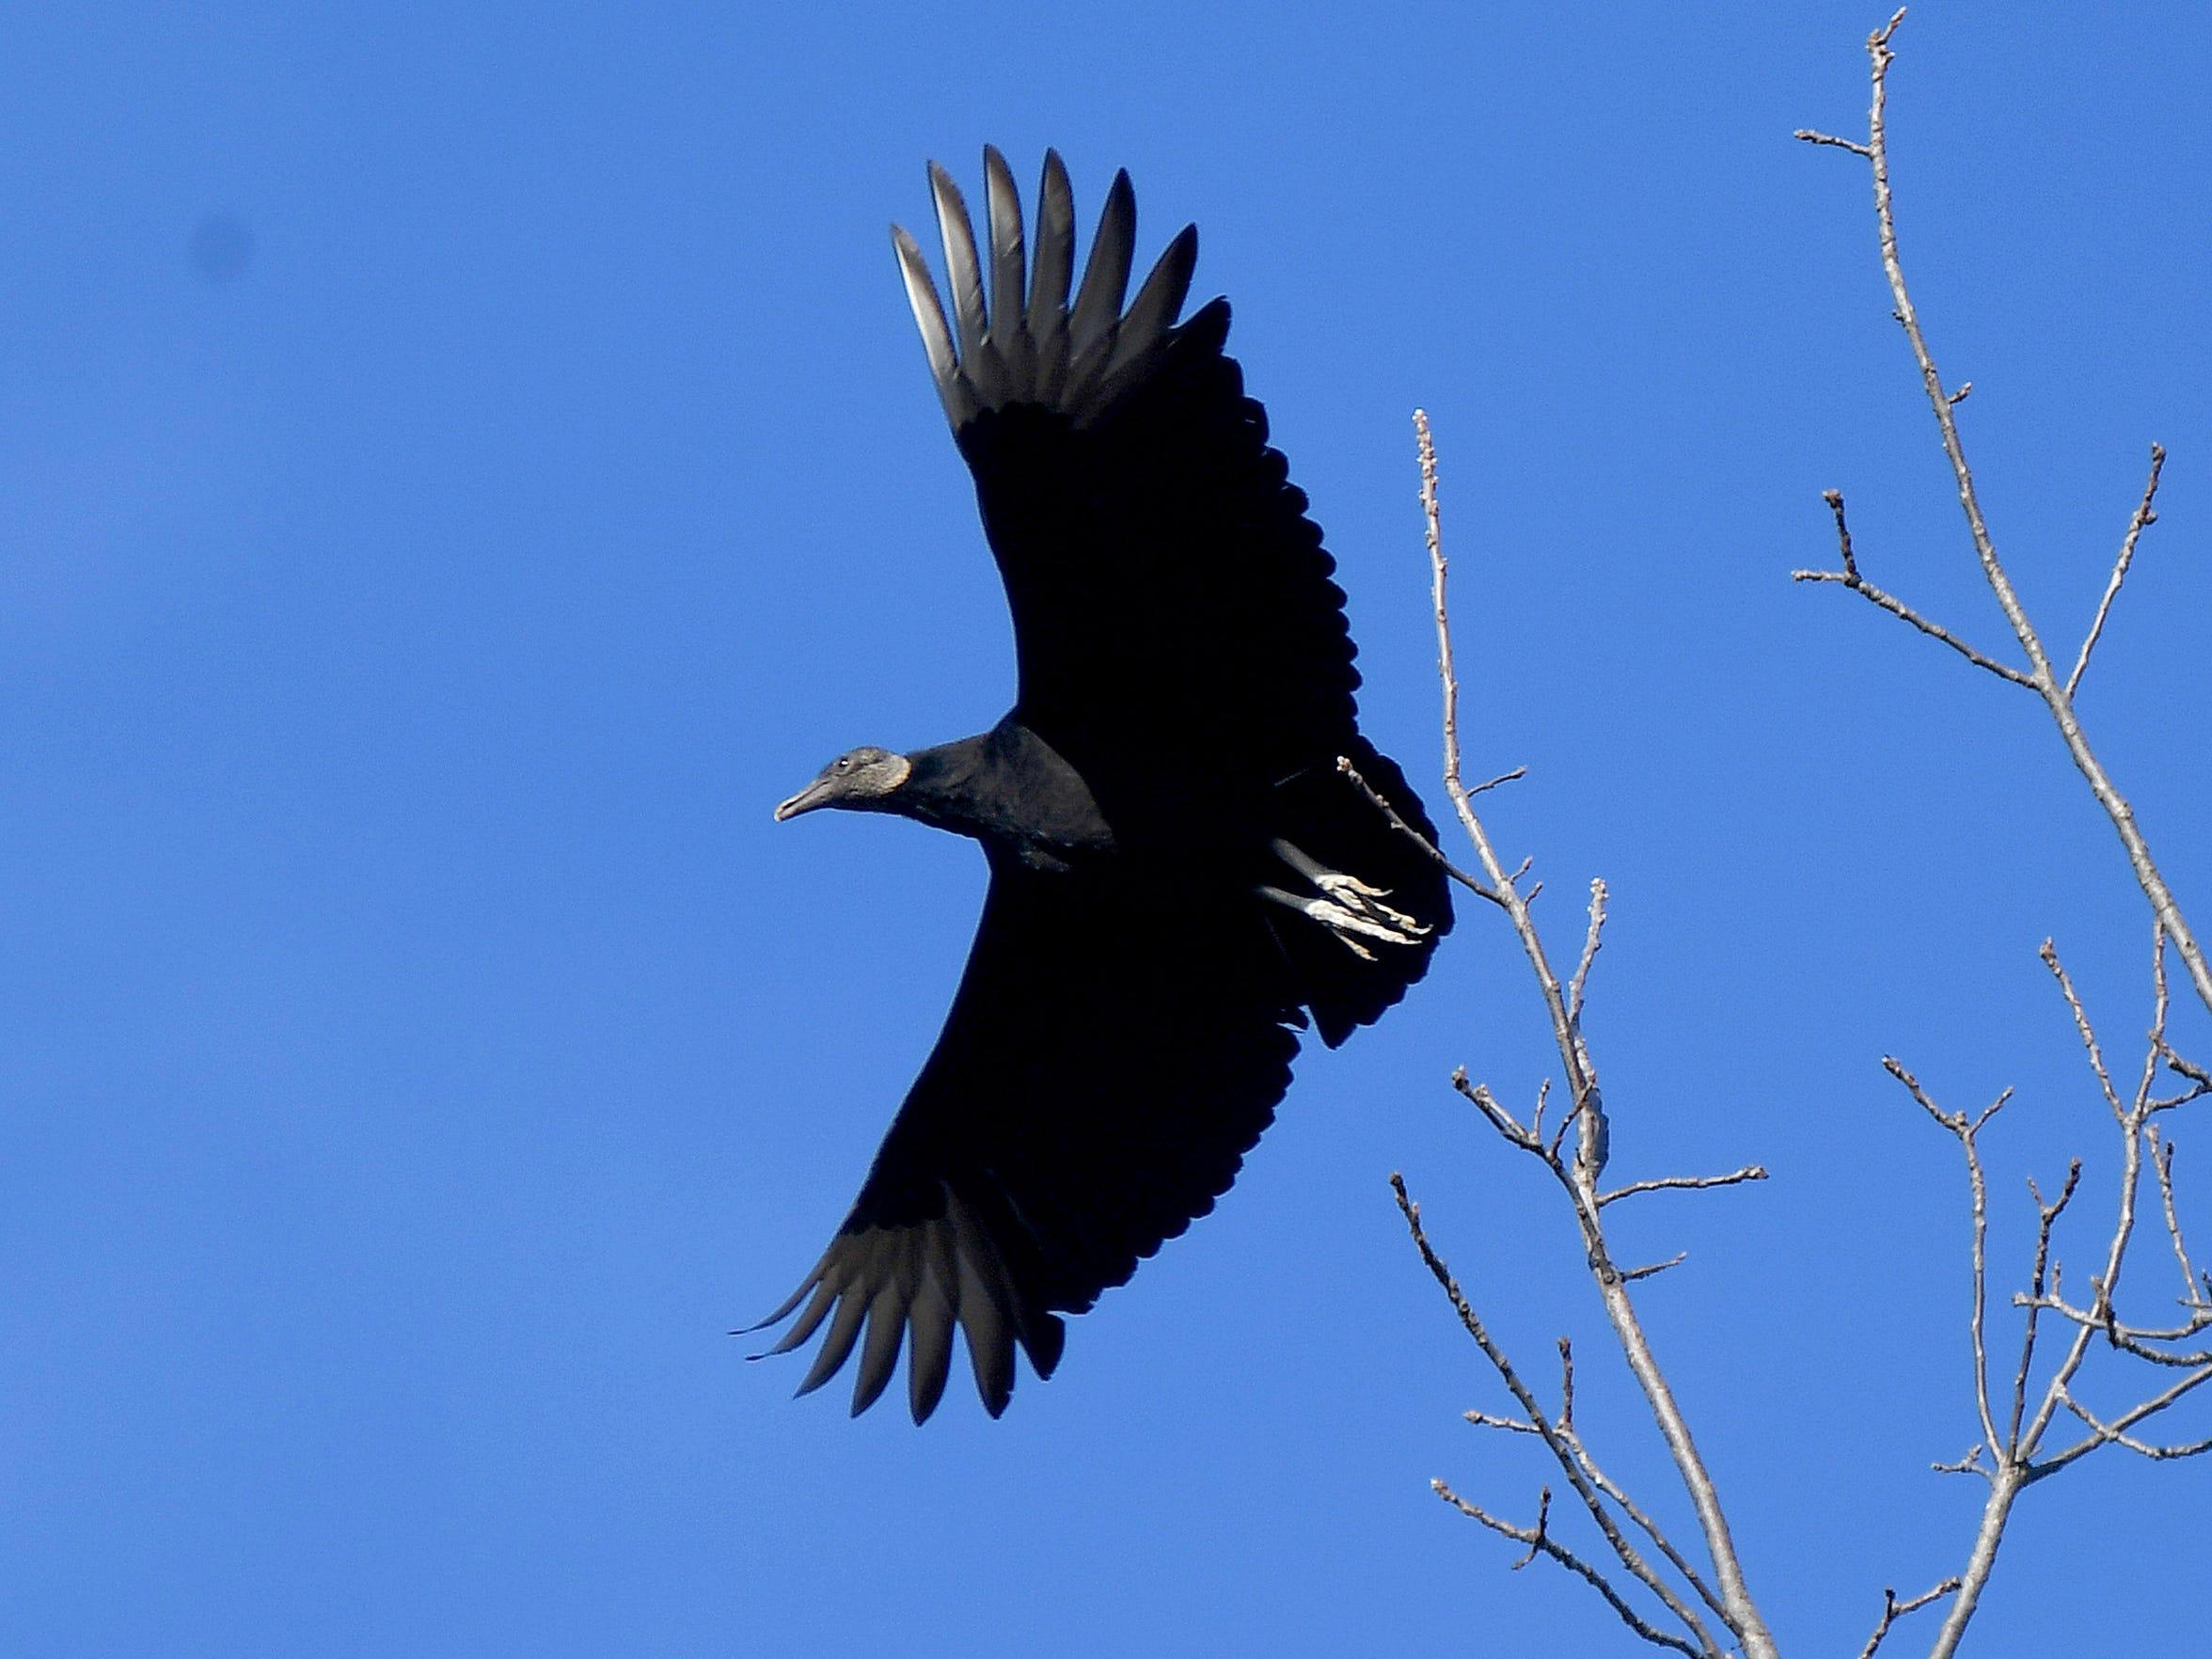 The black vulture takes flight.